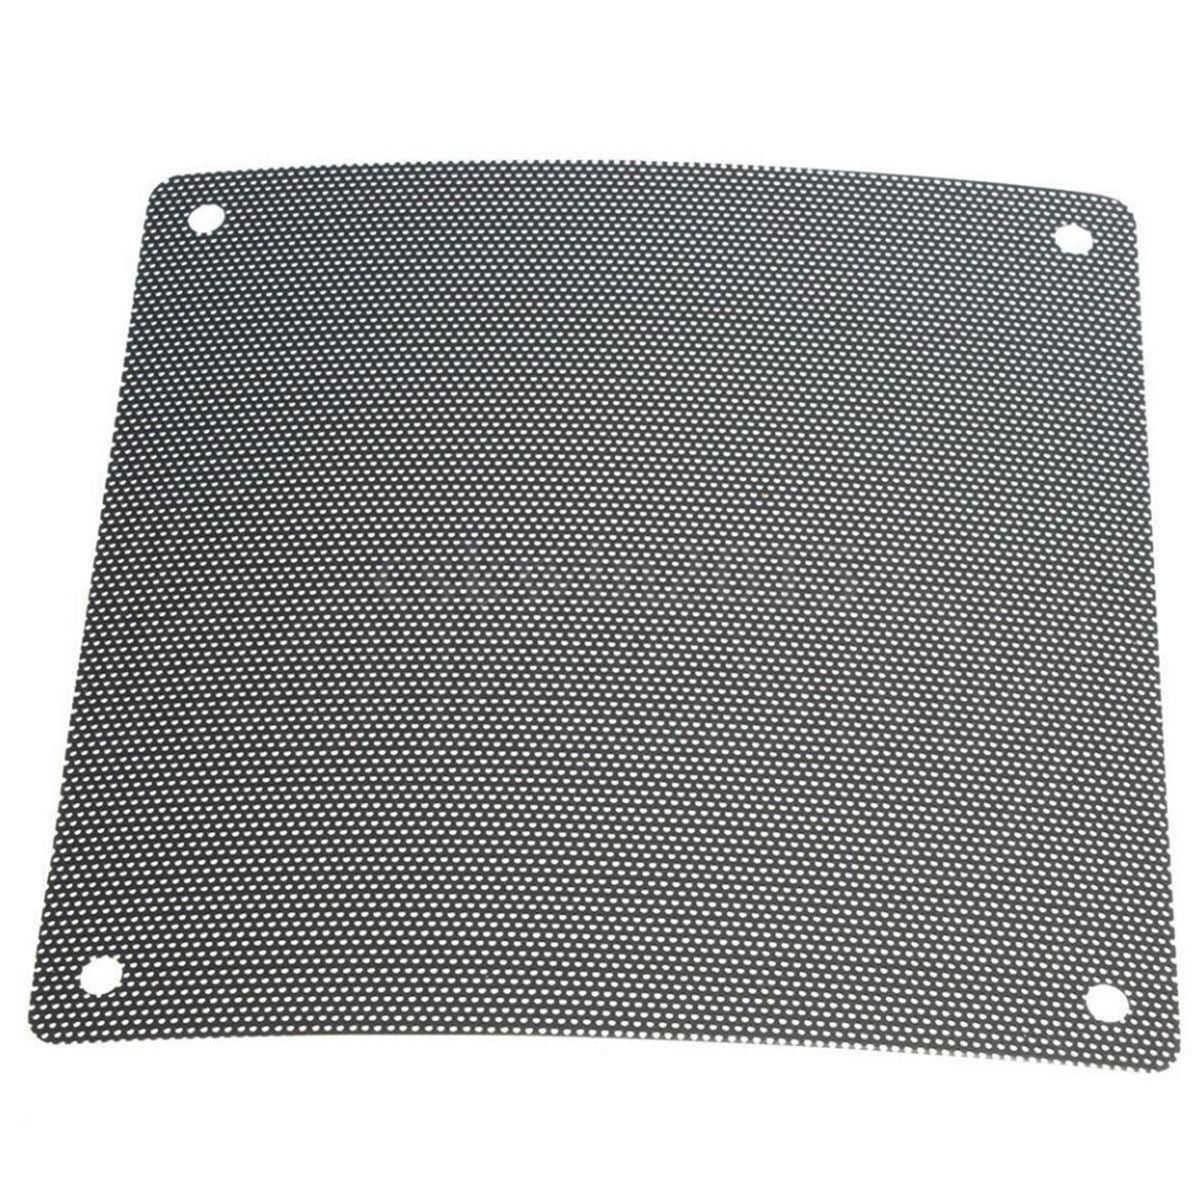 5X120Mm Cuttable Black Pvc Pc Fan Dust Filter Dustproof Case Computer Mesh GF